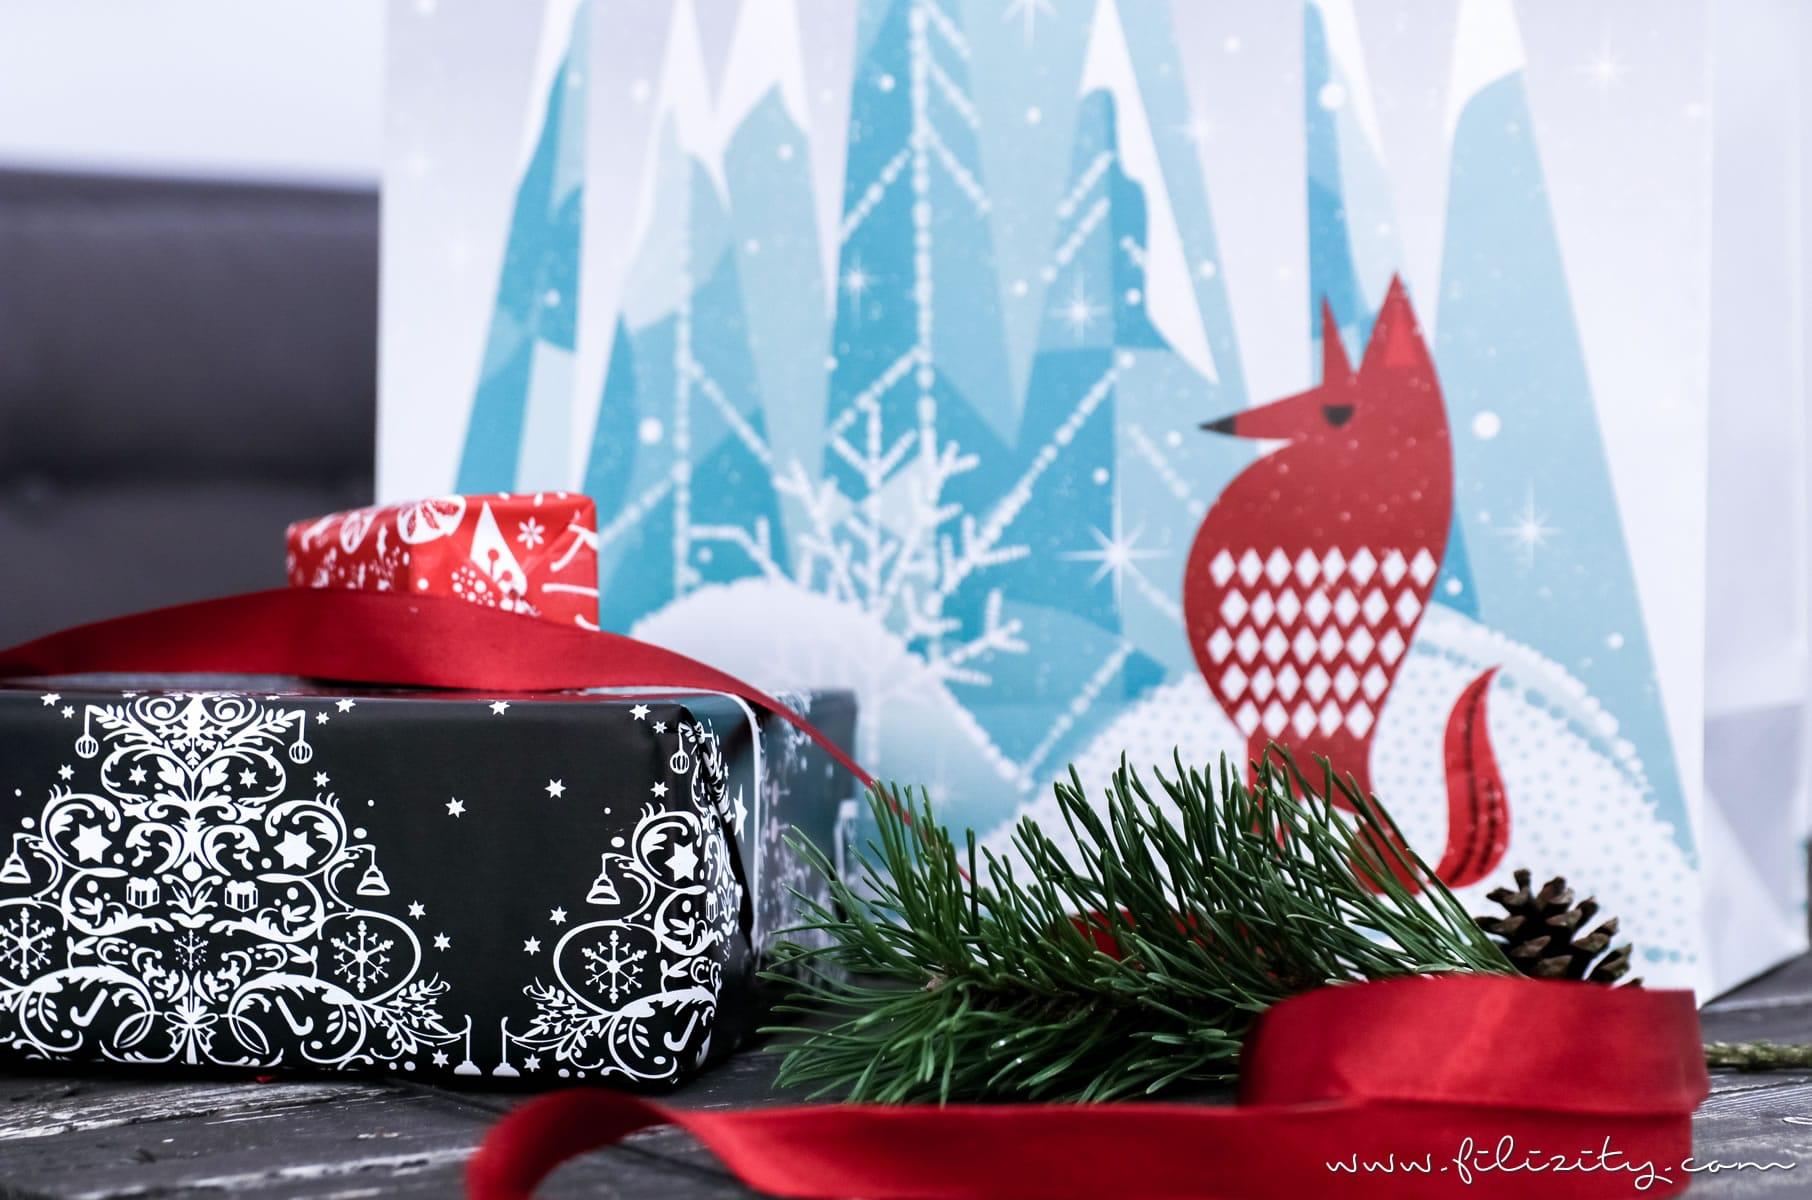 Vinter 2017: Winter- und Weihnachtsdeko von IKEA + DIY Dekokissen   Filizity.com   Interior-Blog aus dem Rheinland #vinter2017 #ikea #weihnachten